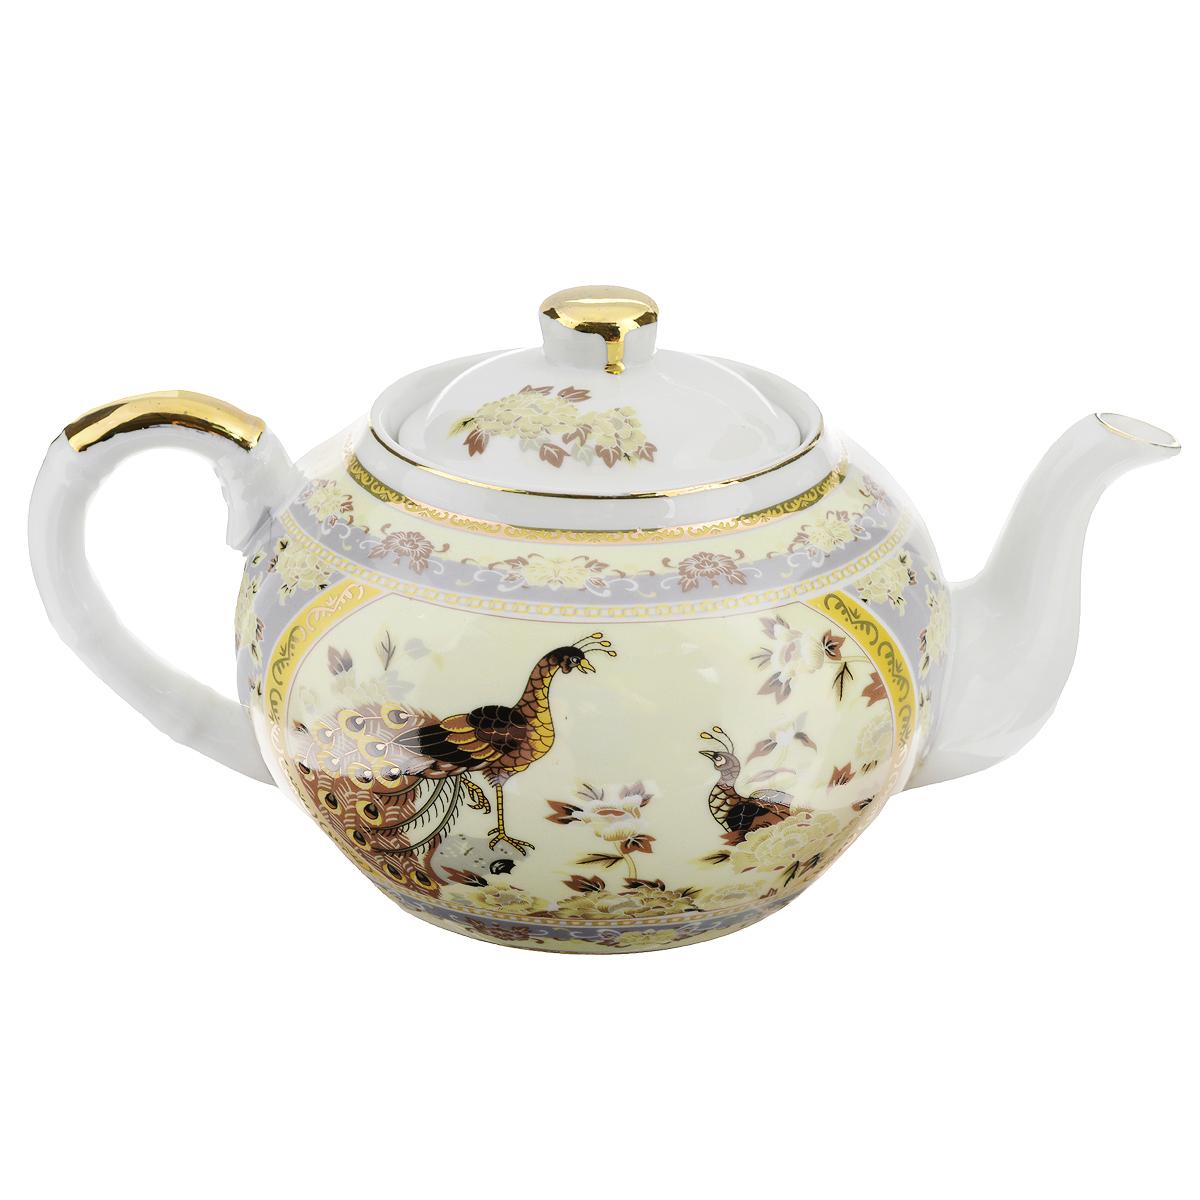 Чайник заварочный Saguro Павлин на бежевом, 1 л. 545-386545-386Чайник заварочный Saguro Павлин на бежевом изготовлен из высококачественного фарфора. Чайник декорирован изображением павлинов, цветов и золотой каймой. Такой дизайн, несомненно, придется по вкусу любителям классики и тем кто ценит красоту и изящество. Чайник заварочный Saguro Павлин на бежевом украсит ваш кухонный стол, а также станет замечательным подарком к любому празднику. Не использовать в микроволновой печи. Не применять абразивные чистящие вещества. Объем: 1 л. Размеры чайника без крышки (ДхШхВ): 22 см х 12,5 см х 9 см.